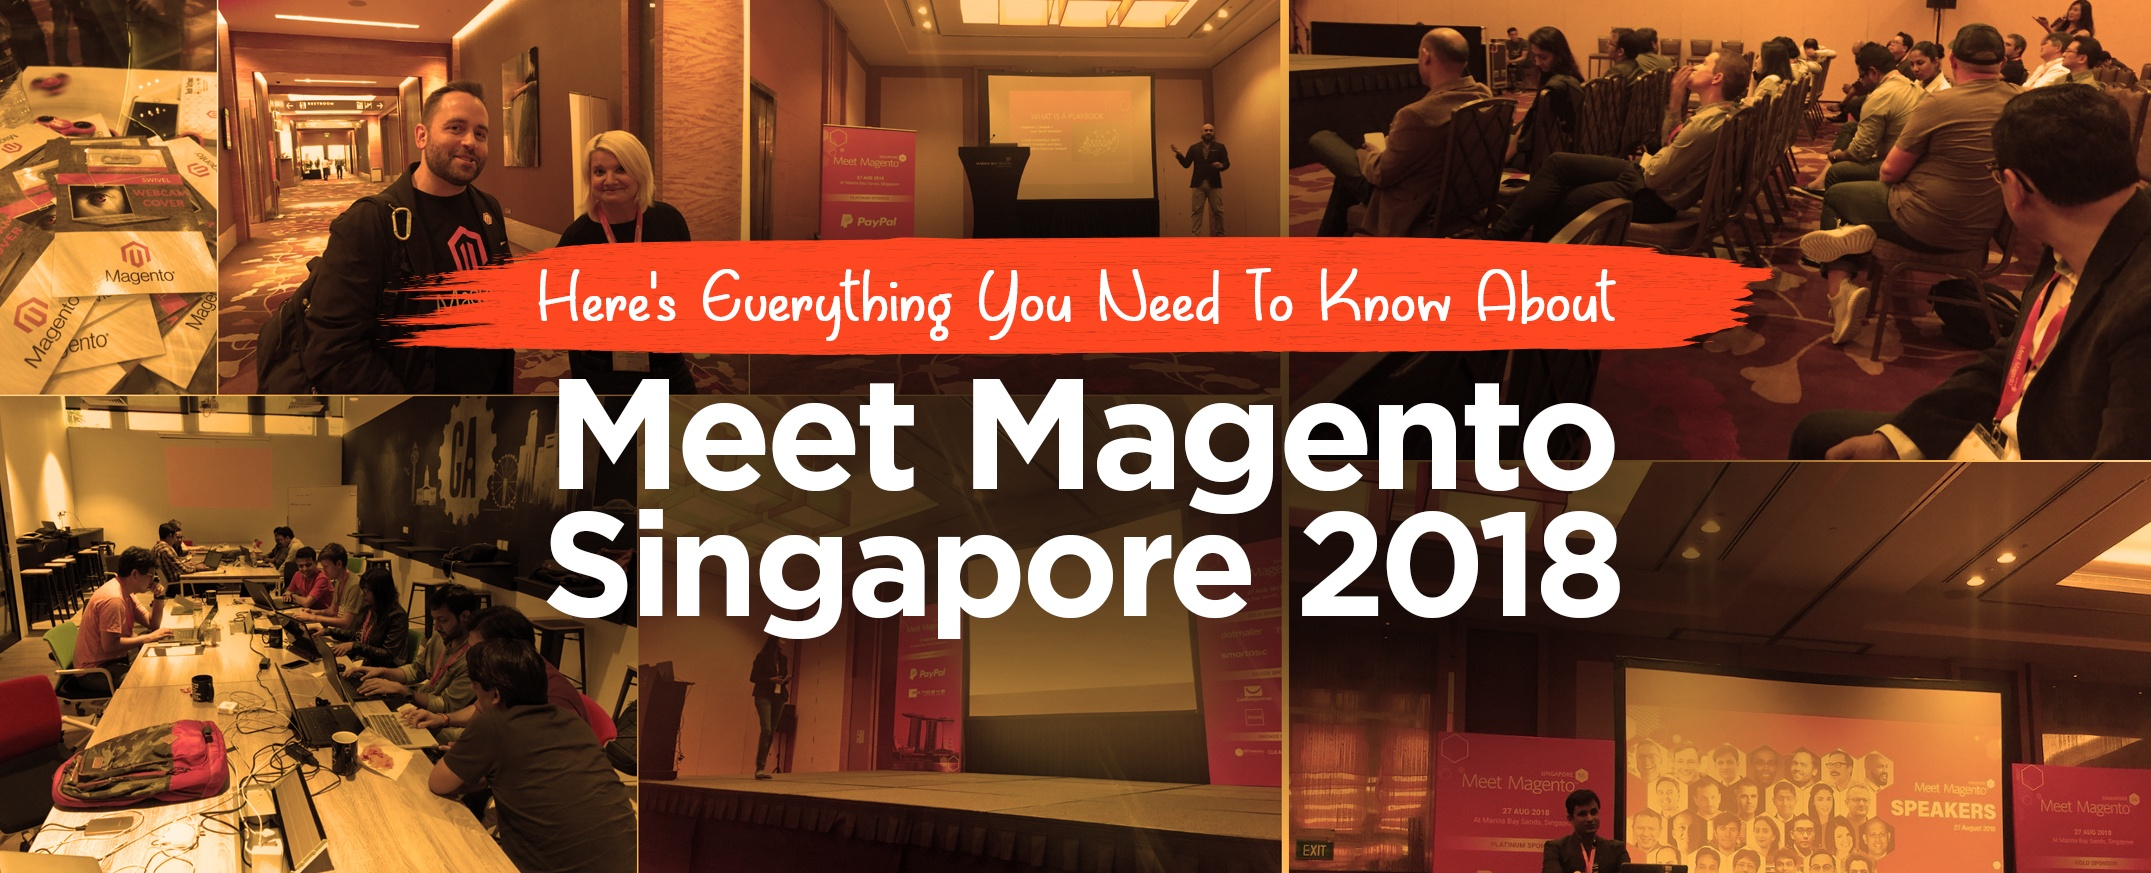 Meet-Magento-Singapore-2018